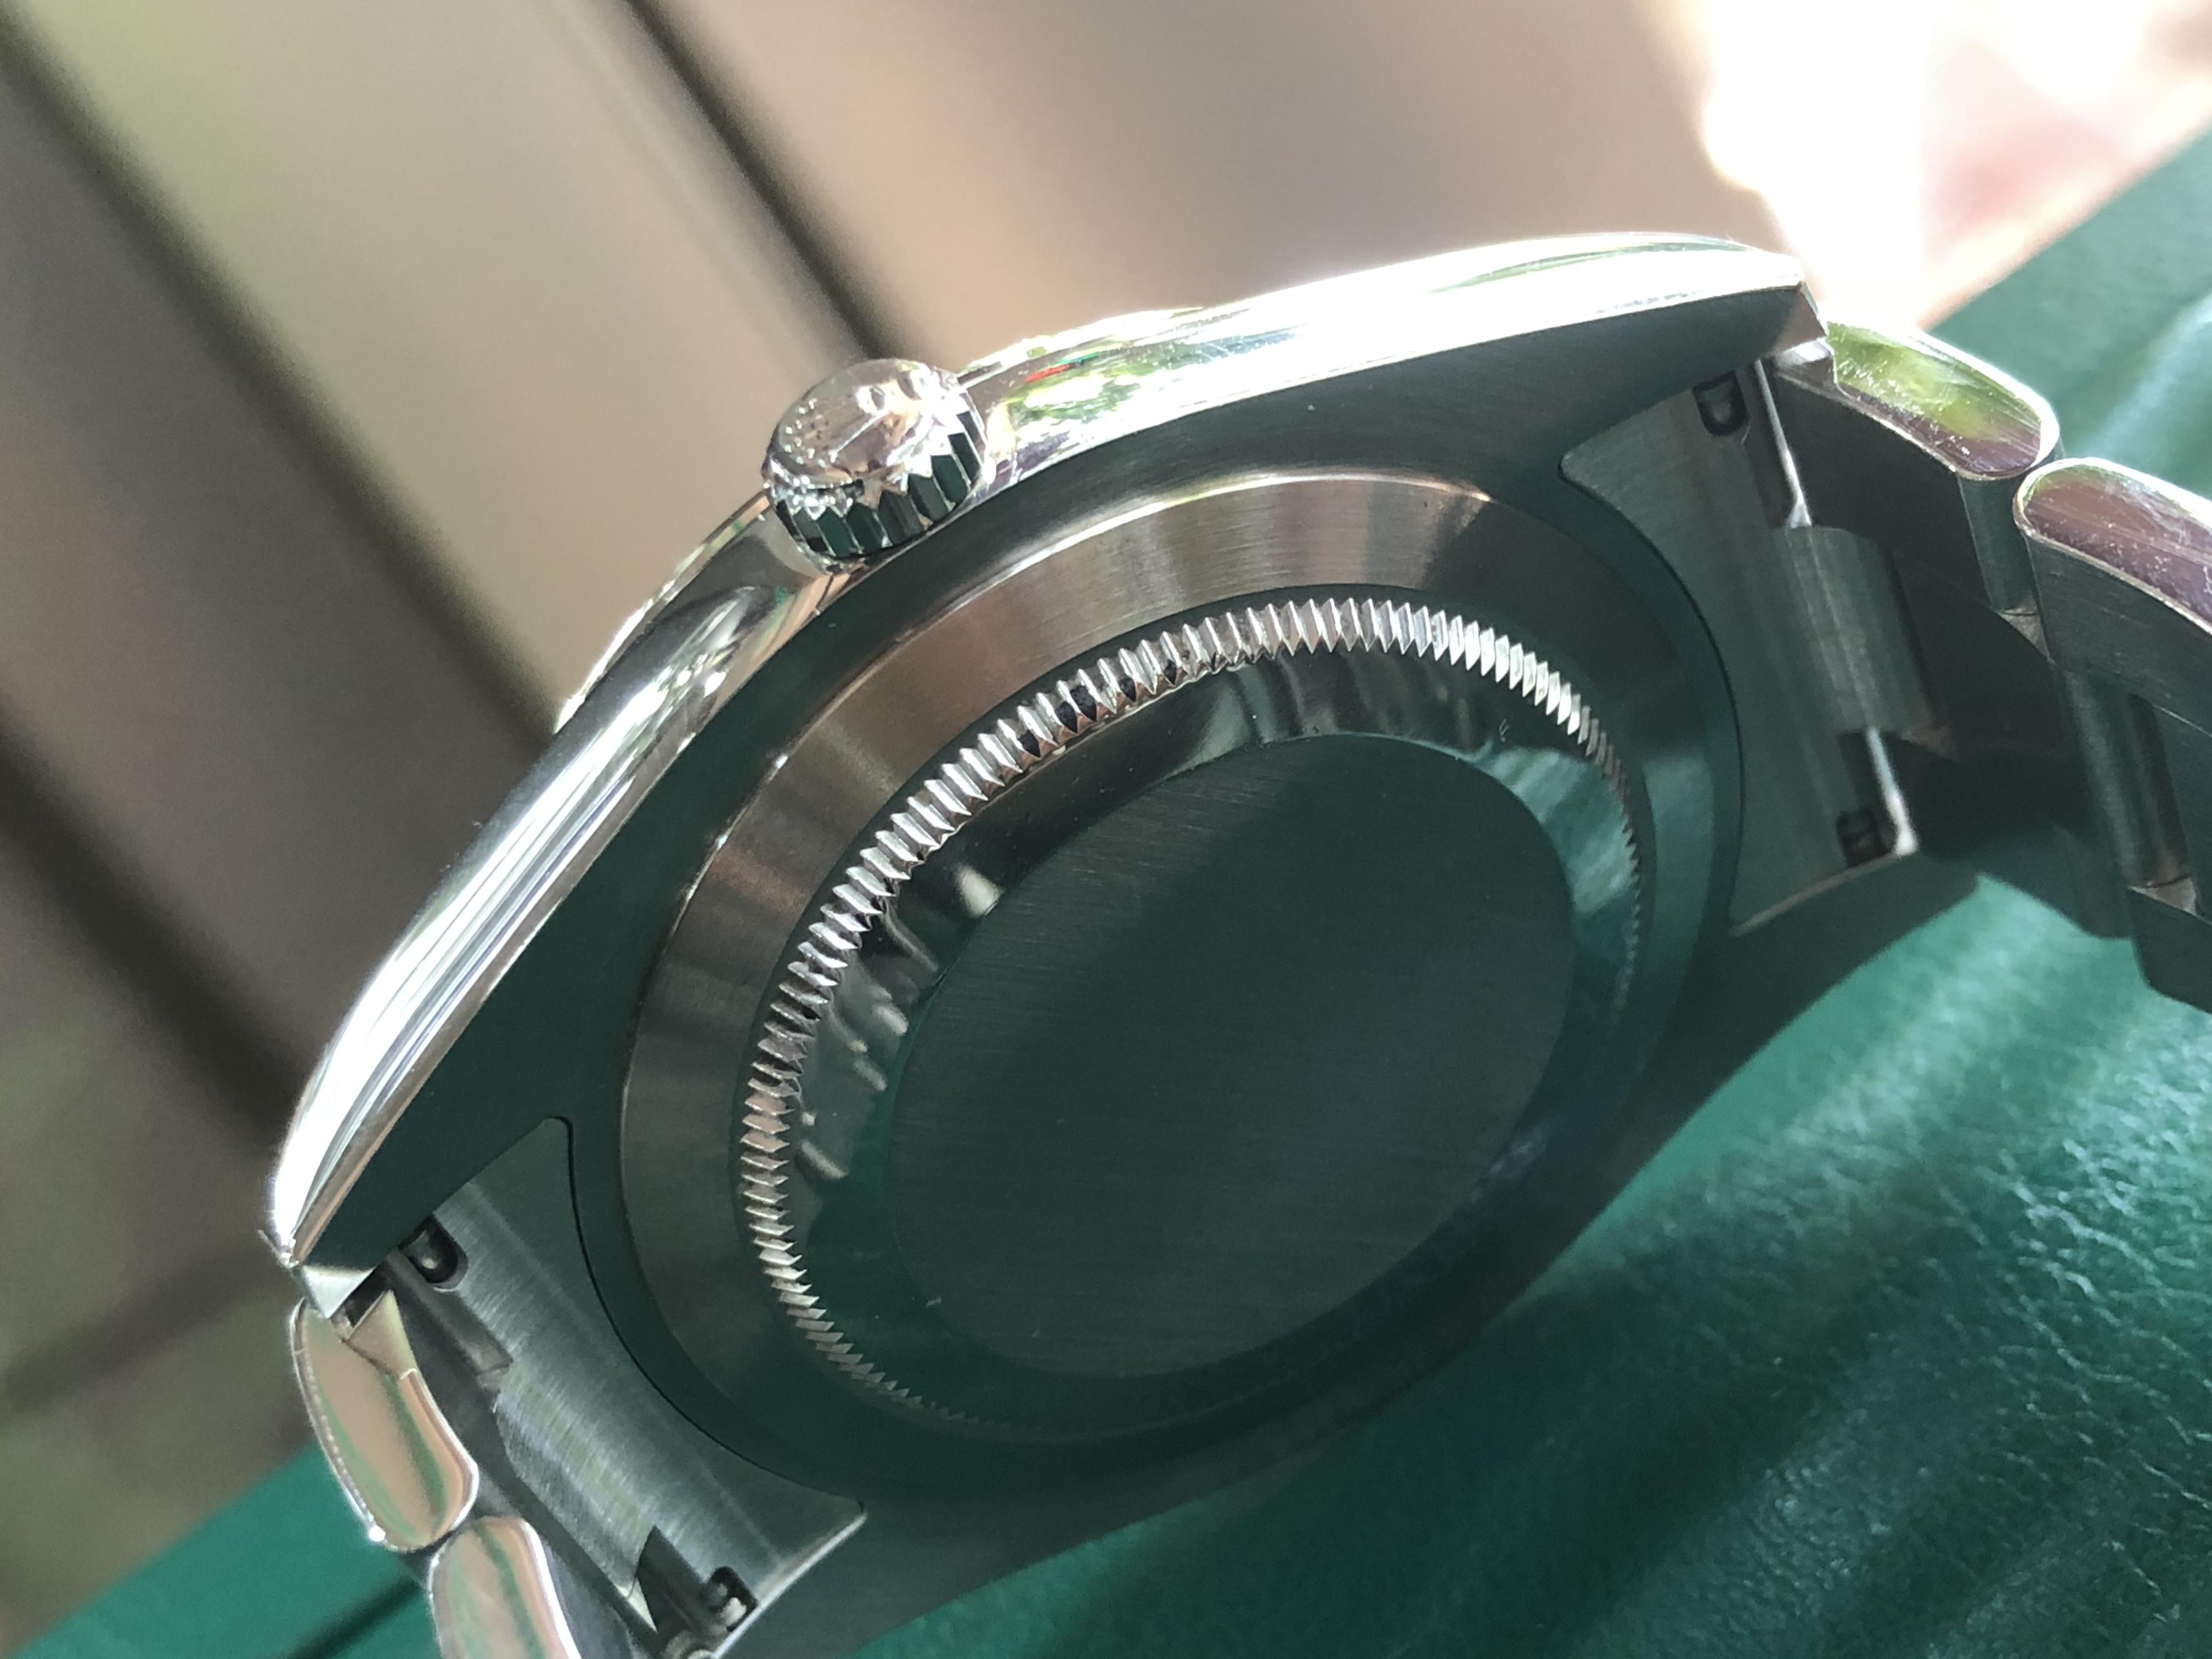 Rolex 116334 mặt sám đen demi vàng trắng đời 2016/2017